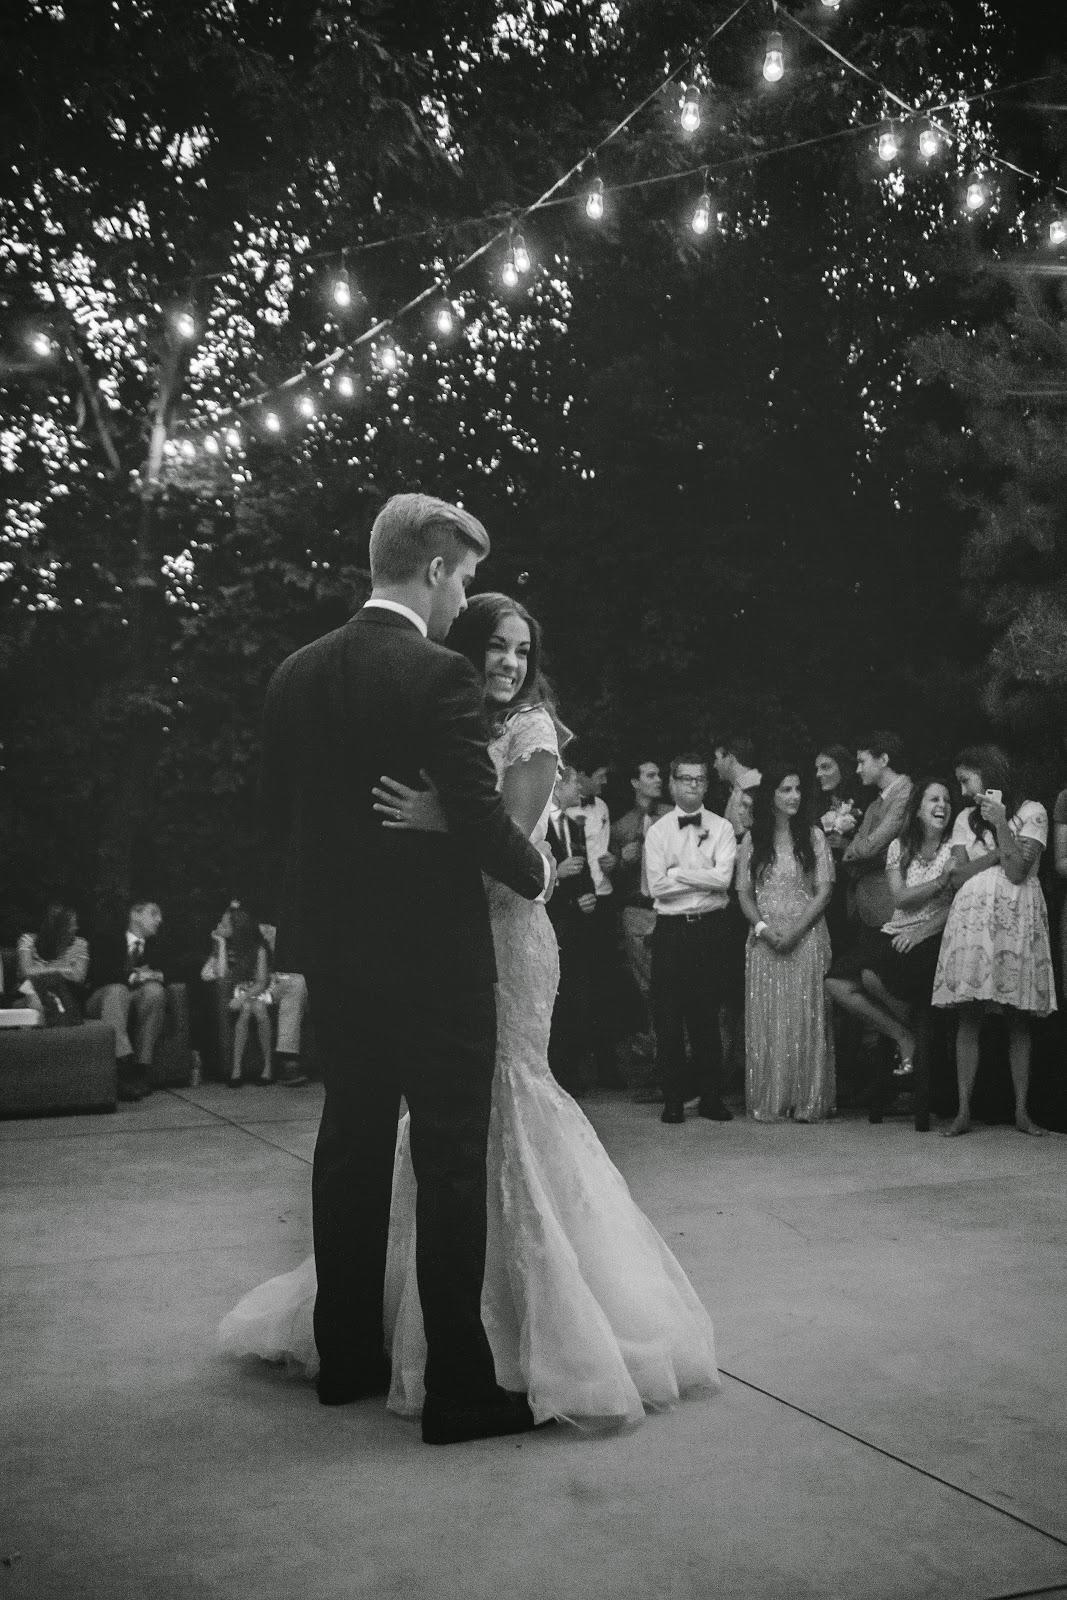 BELLA IN BERLIN BAKER WEDDING